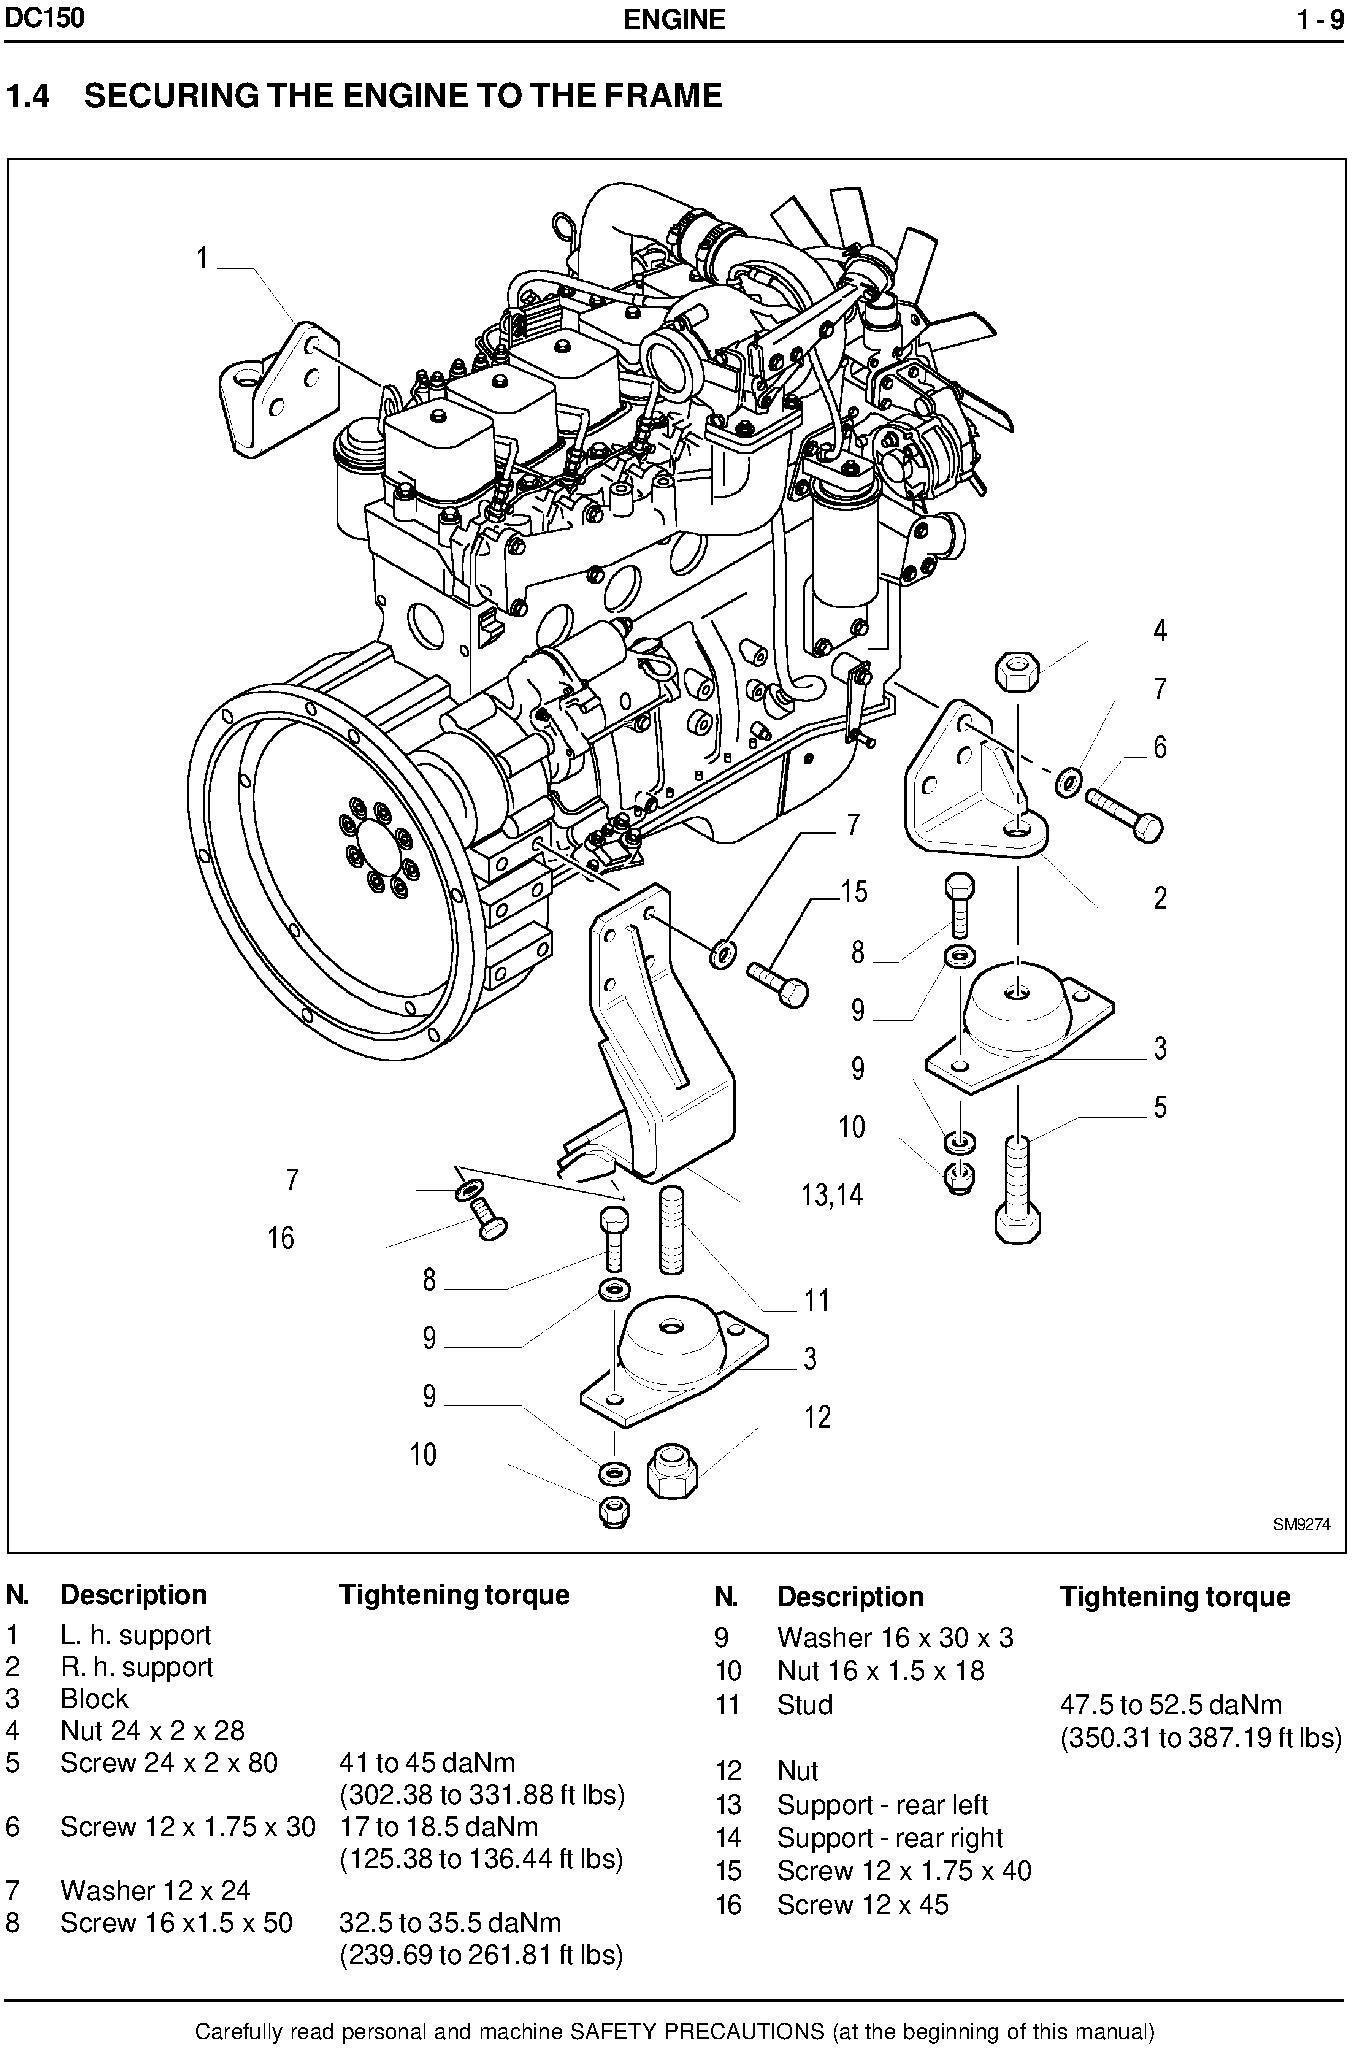 New Holland DC150, DC150LGP Crawler Dozer Service Manual - 3